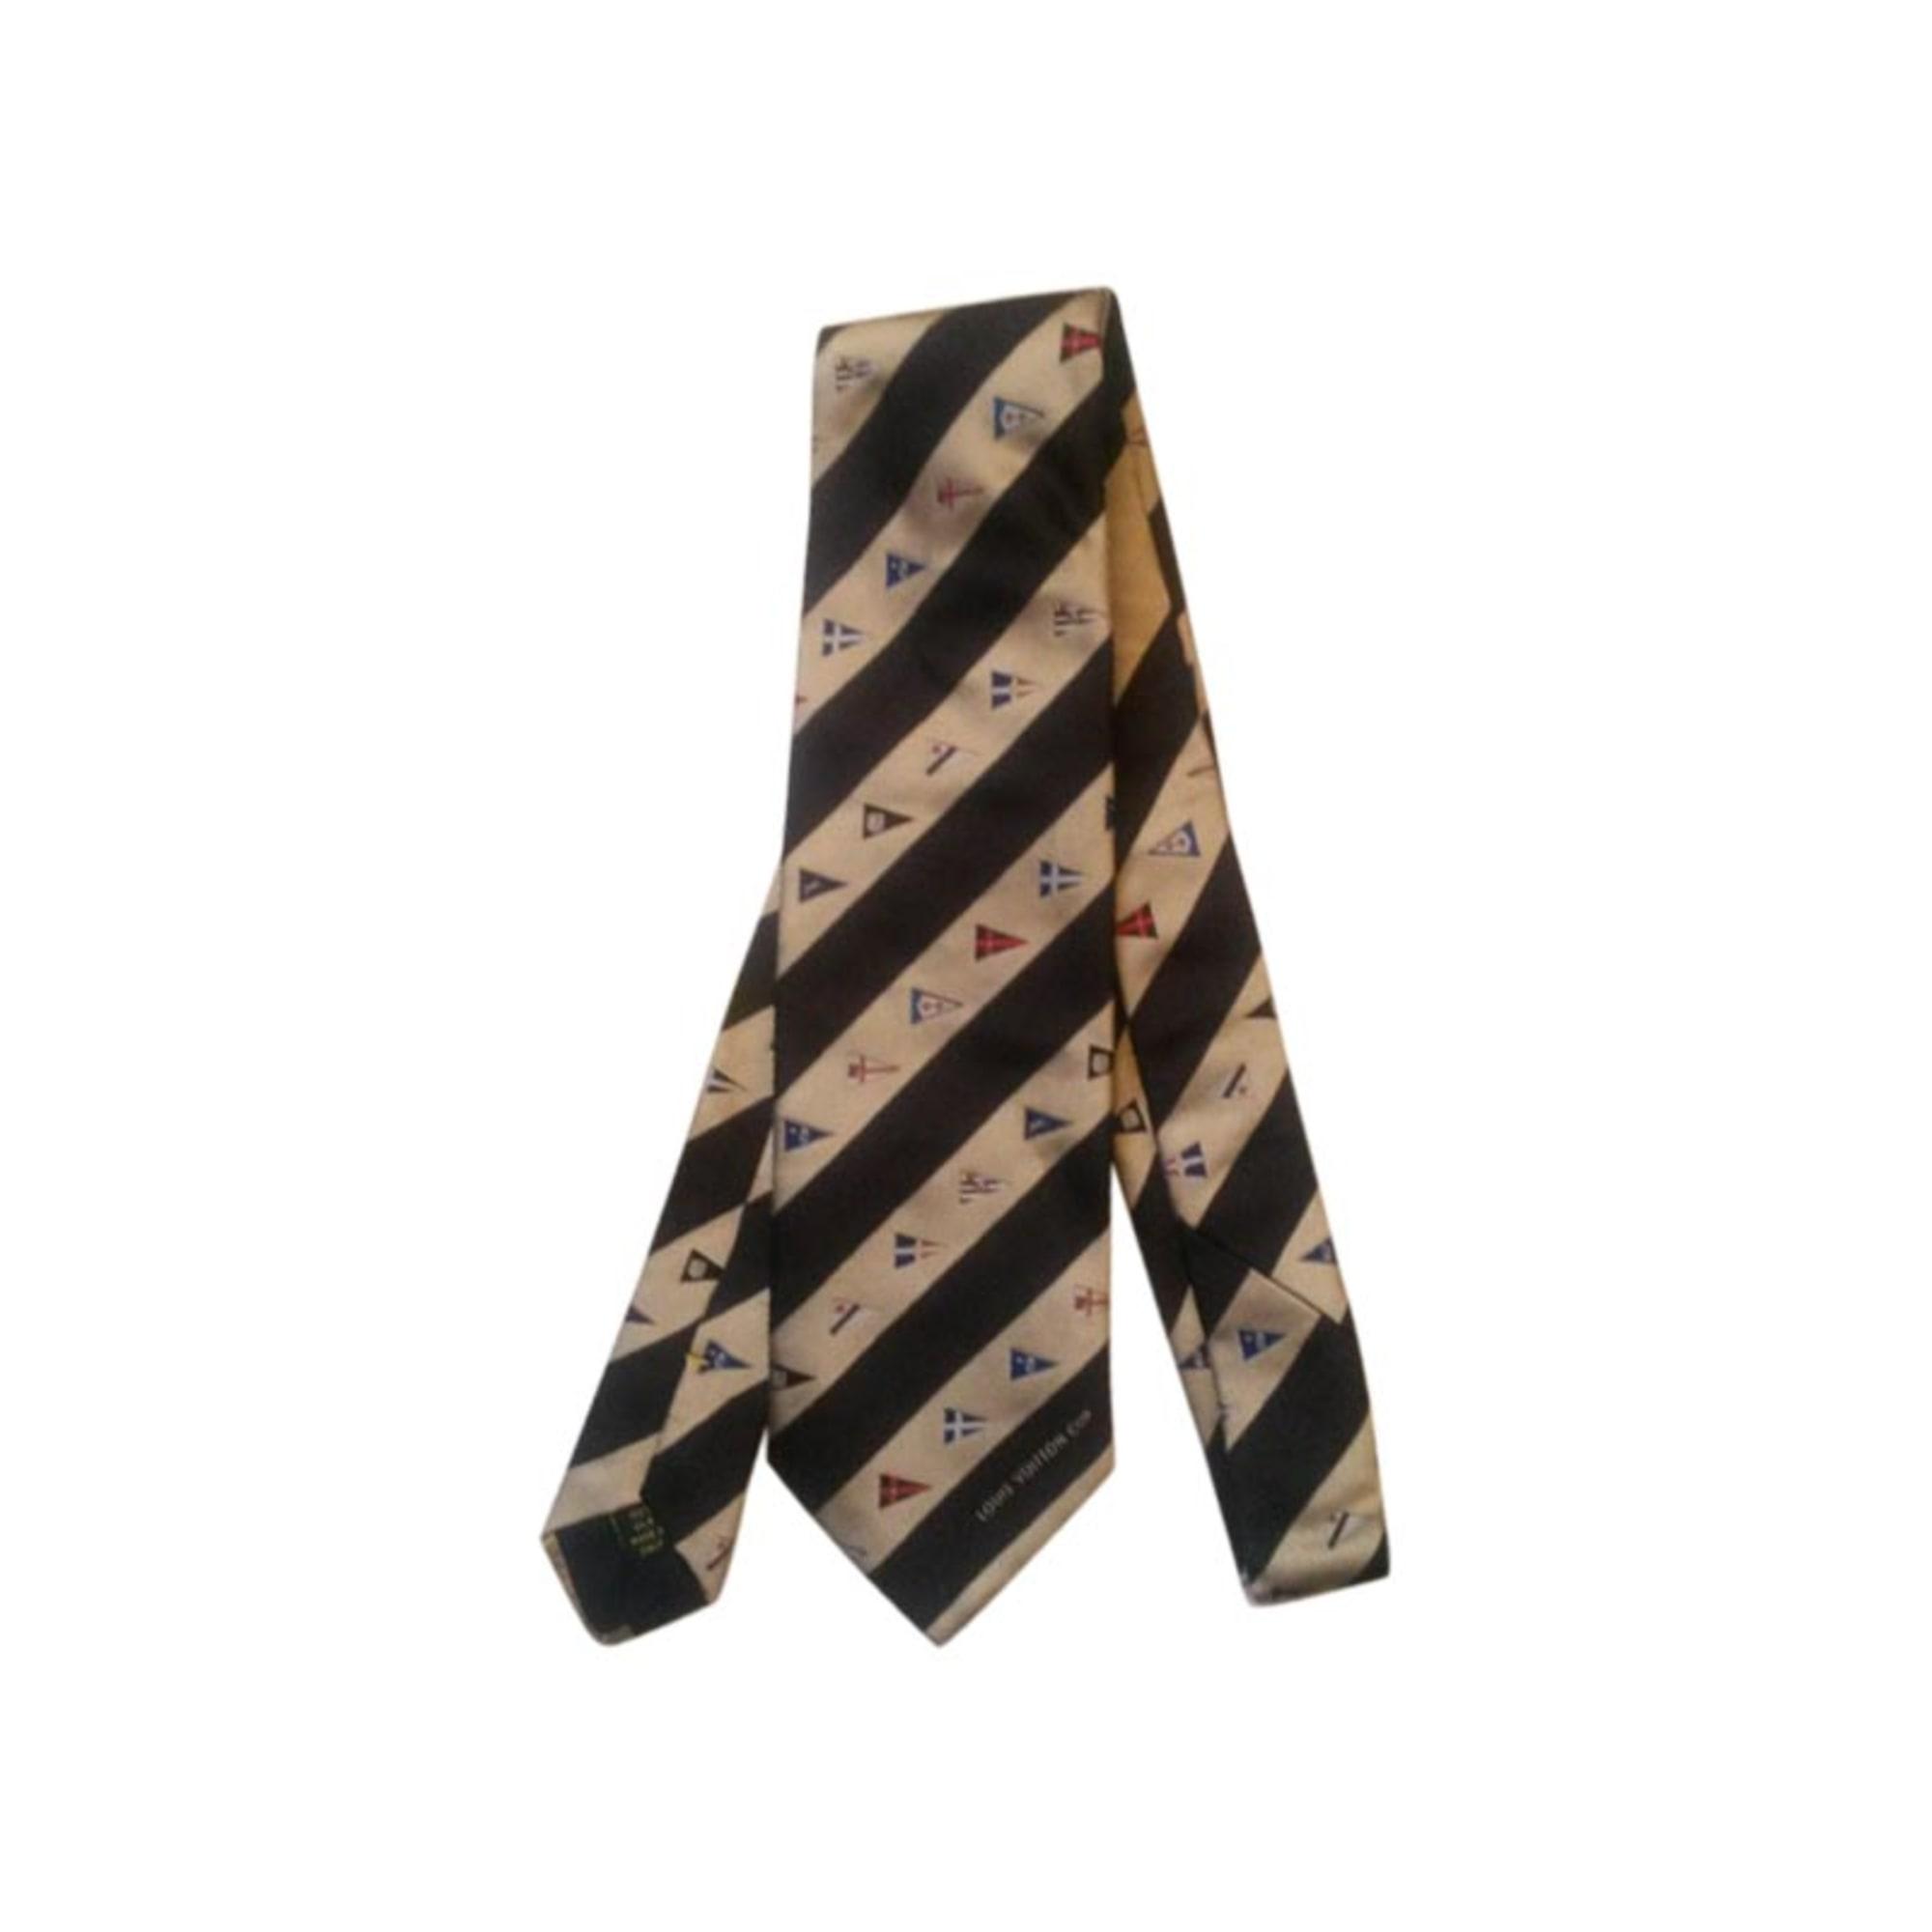 14f9889d94613 Krawatte LOUIS VUITTON blau - 2686096